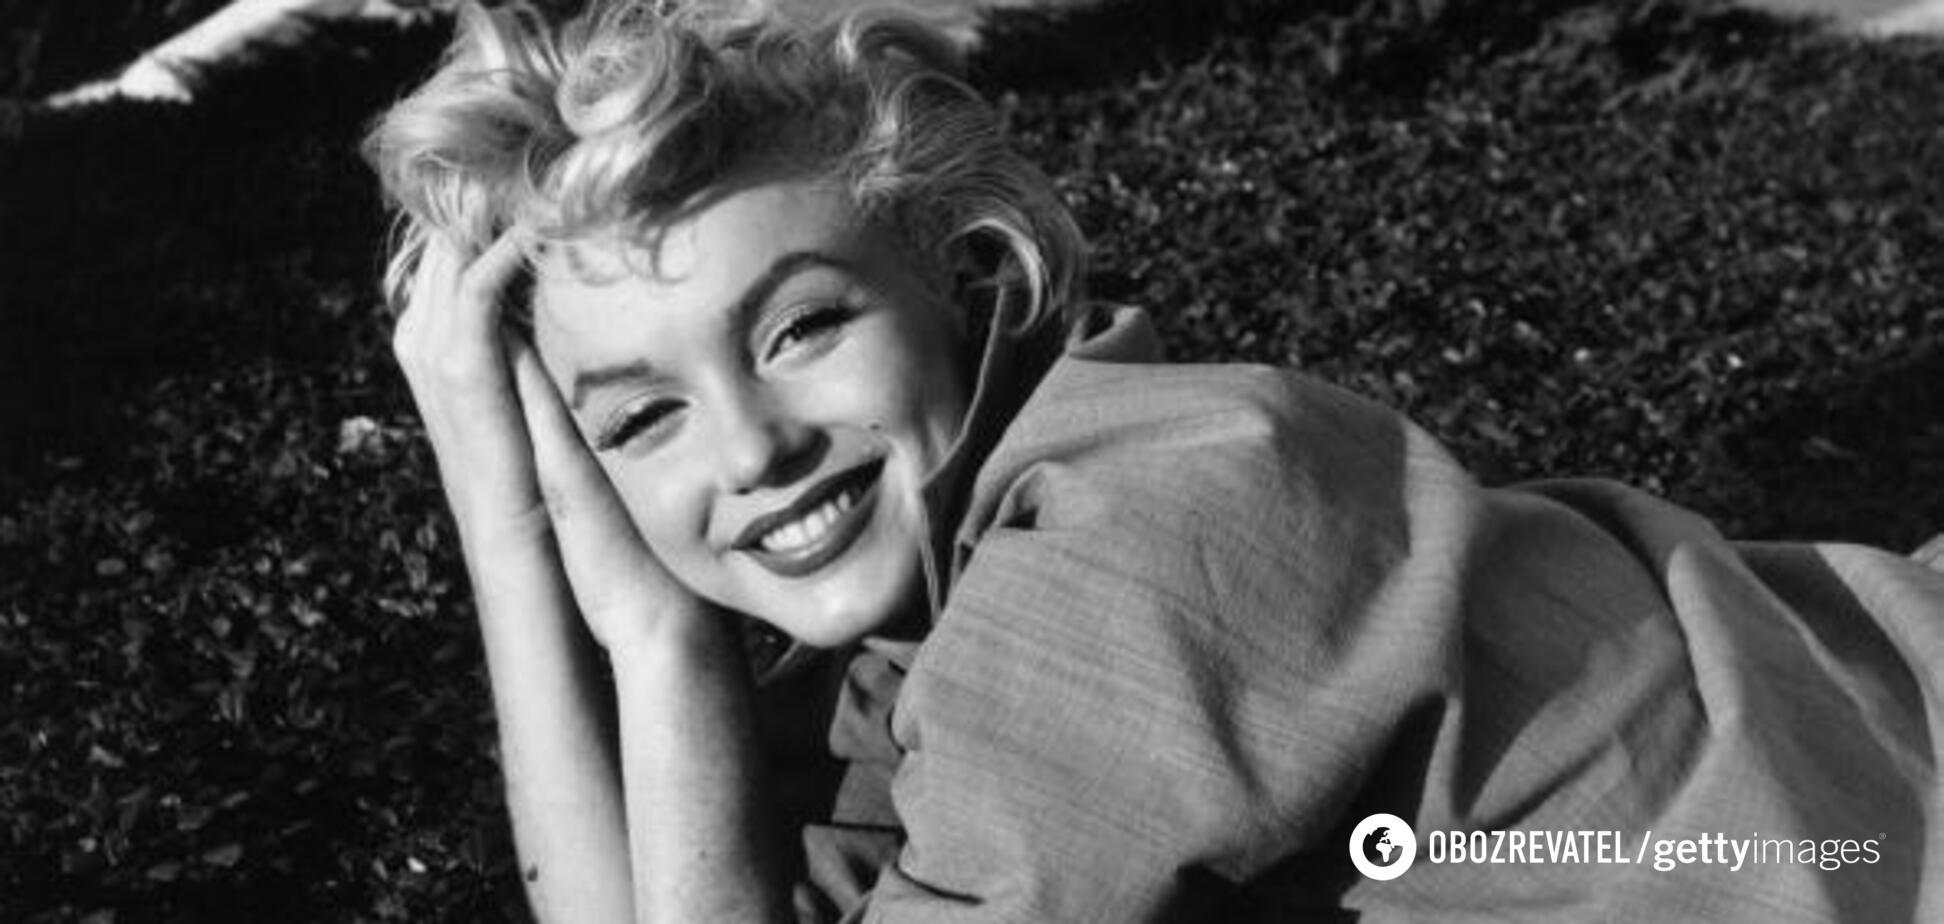 75 лет назад Мэрилин Монро сменила имя: как она выглядела на протяжении карьеры. Фото